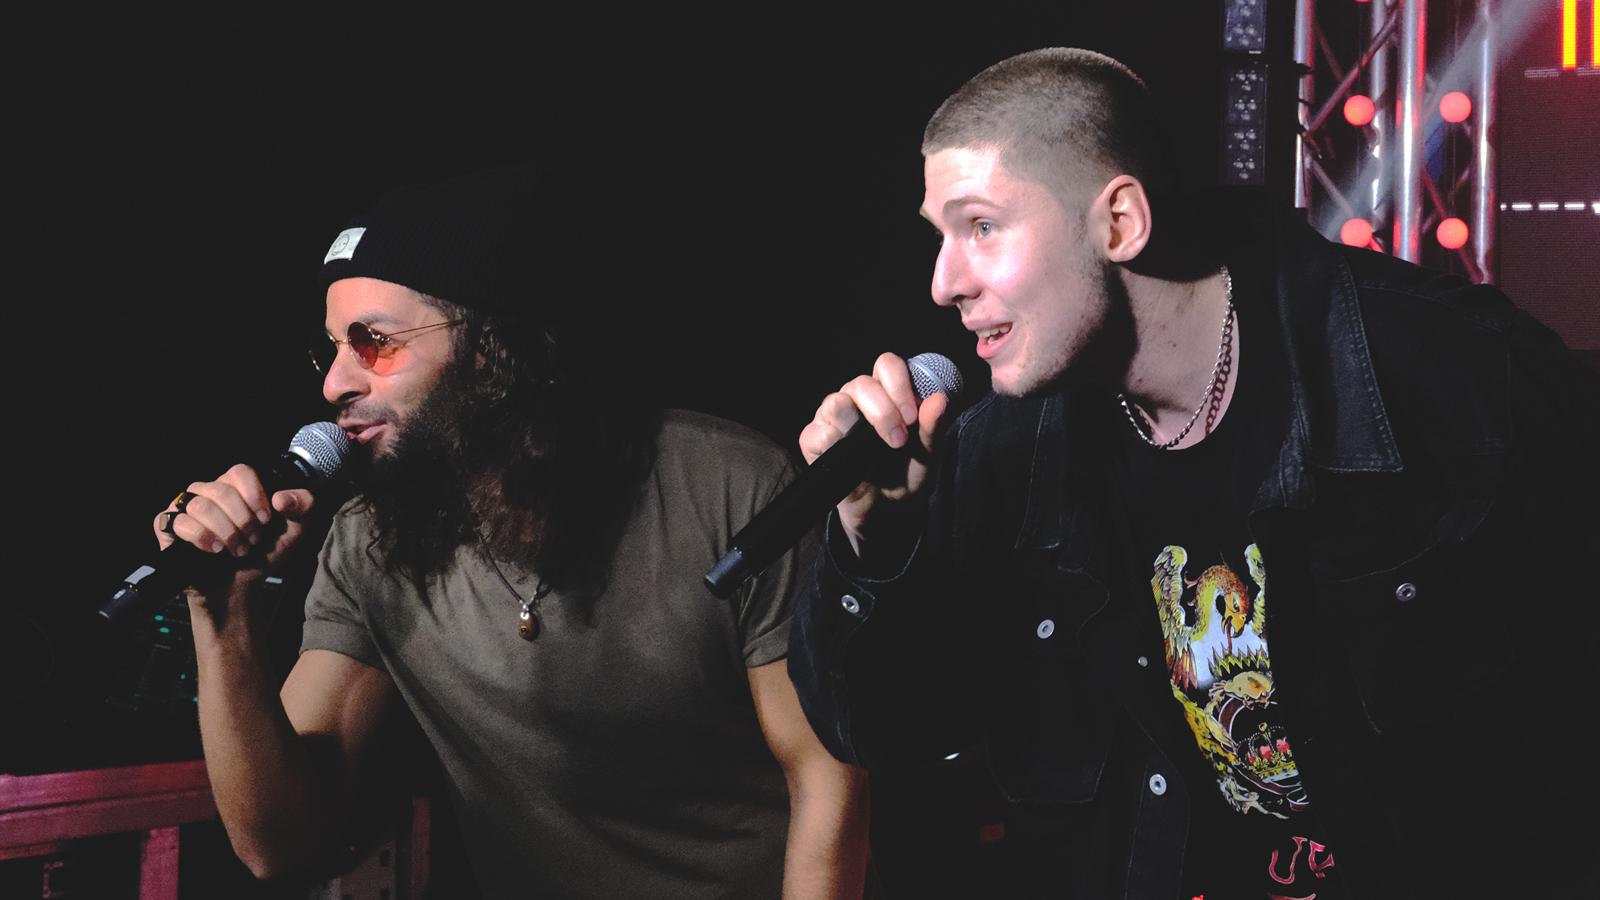 Sam James & iLLthinker @ Hiphop.de Crunchtime Cypher by Desperados